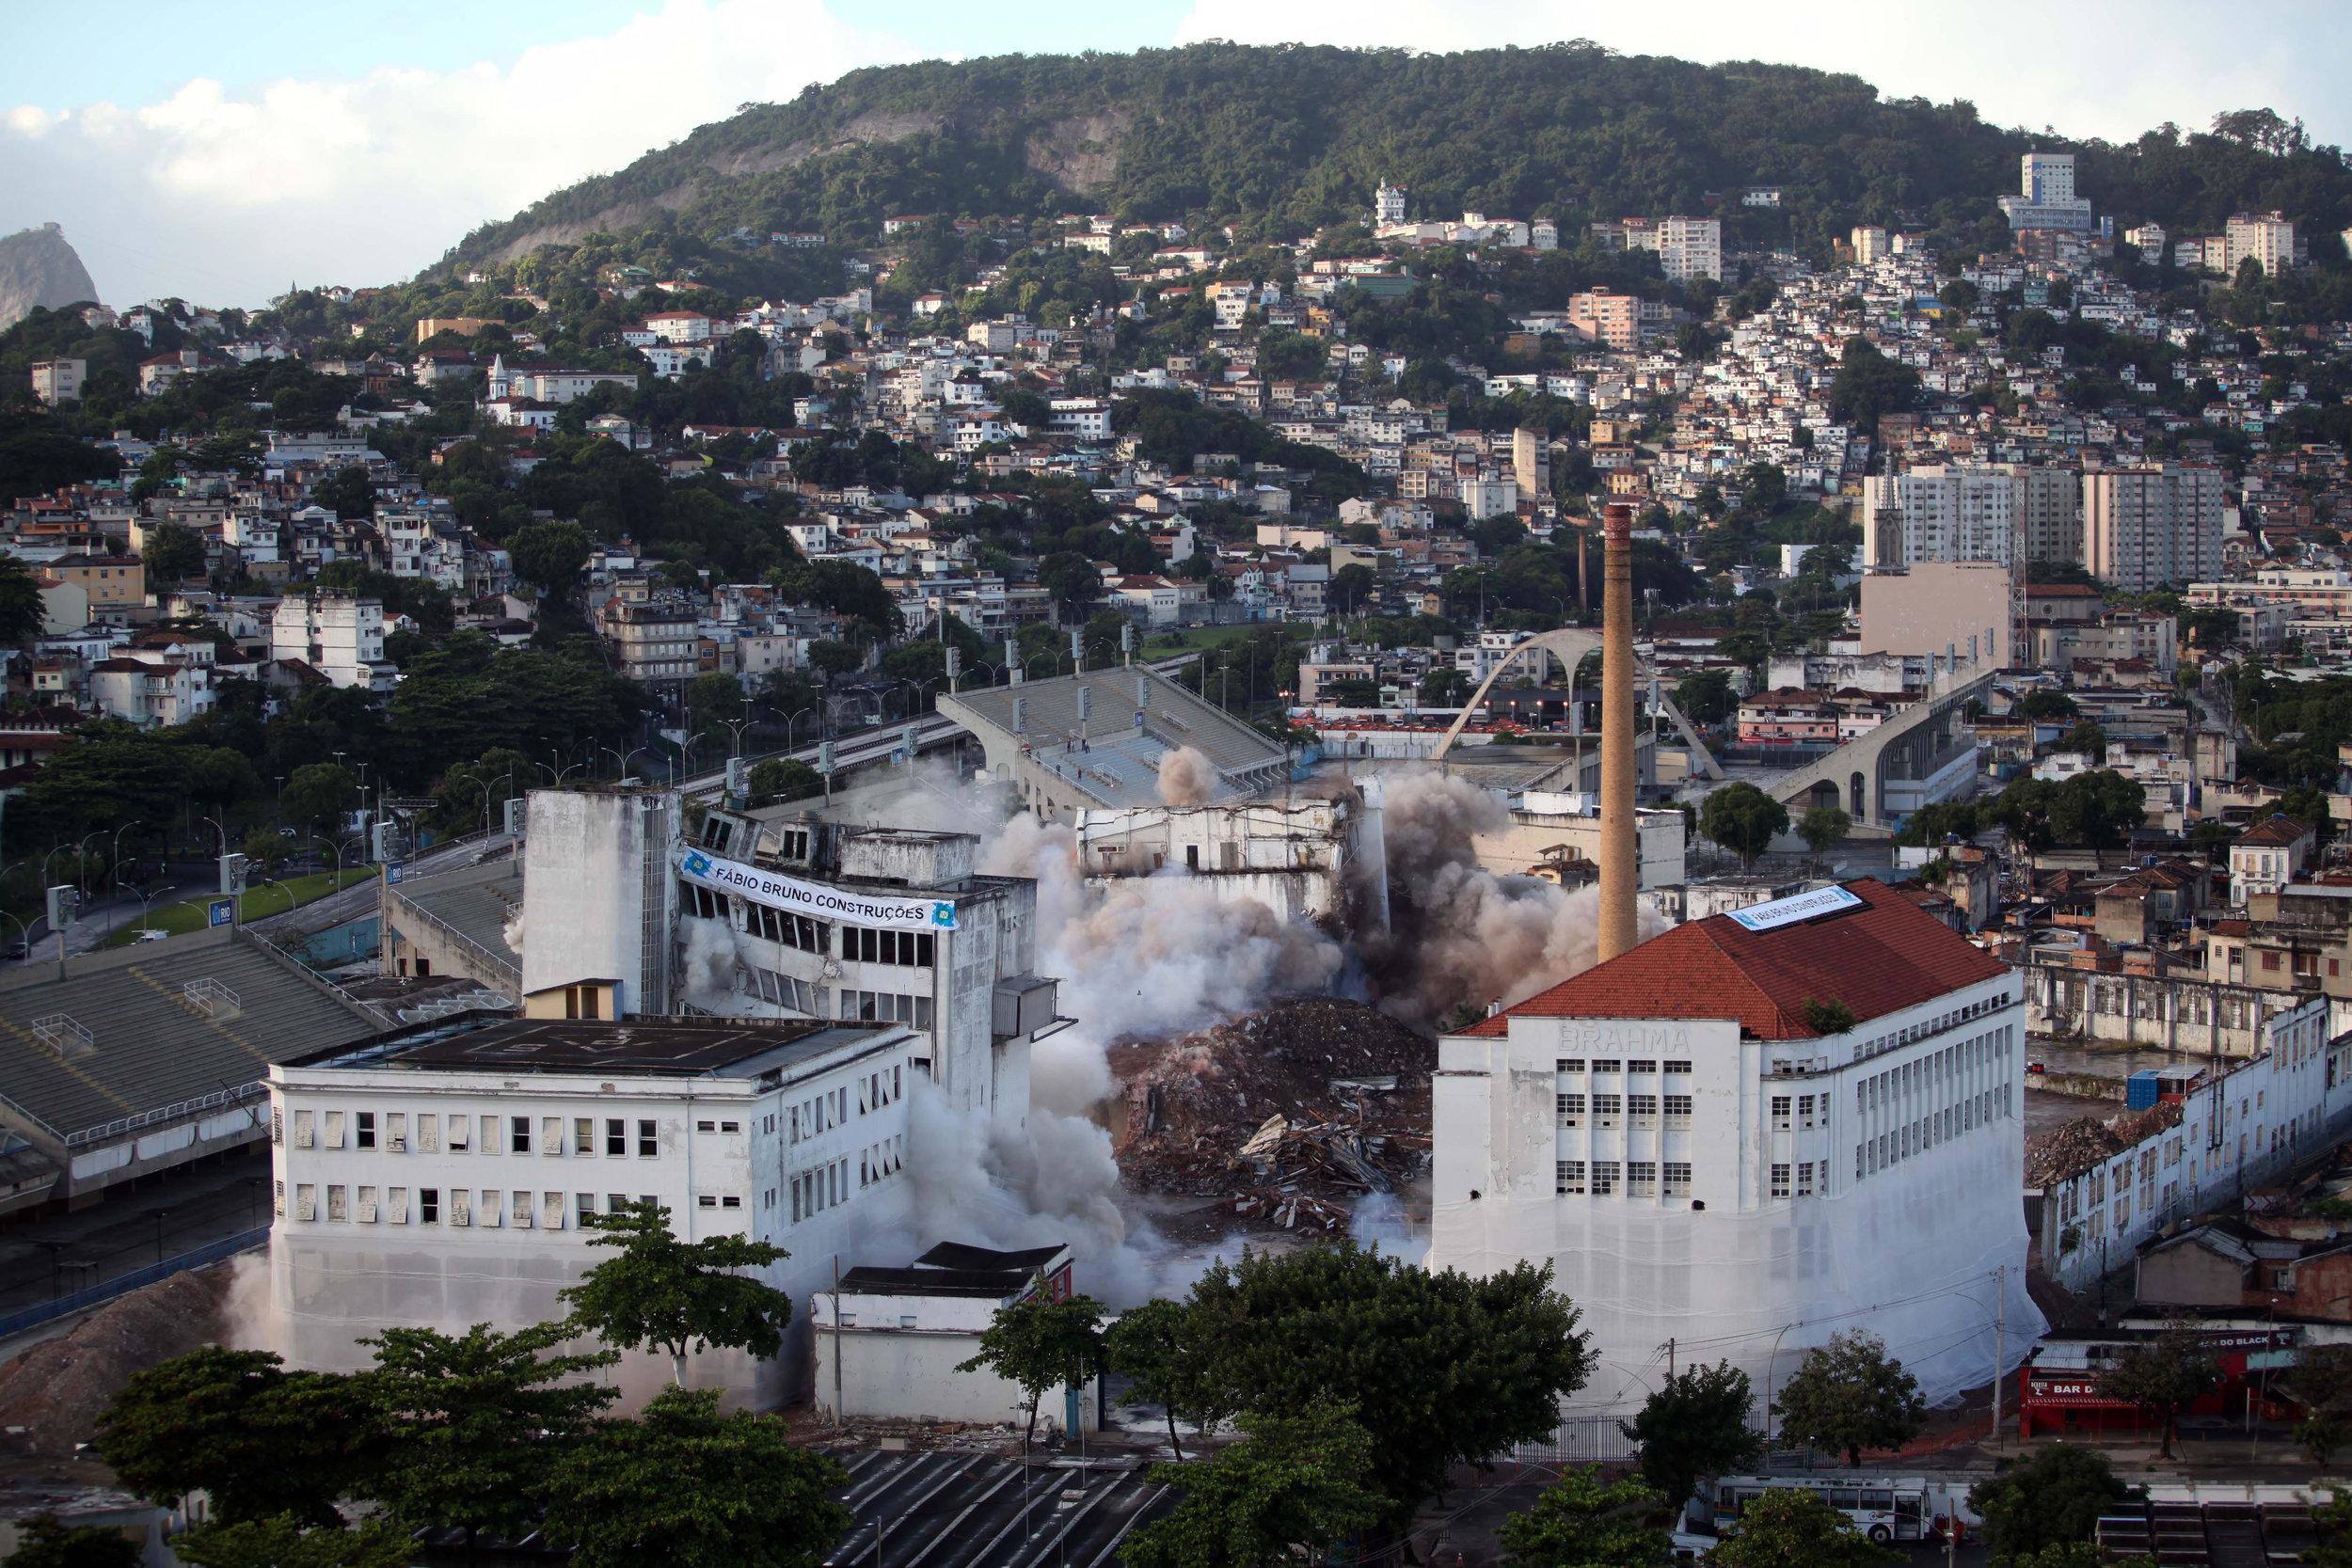 INBEV Industrial plant - 2011